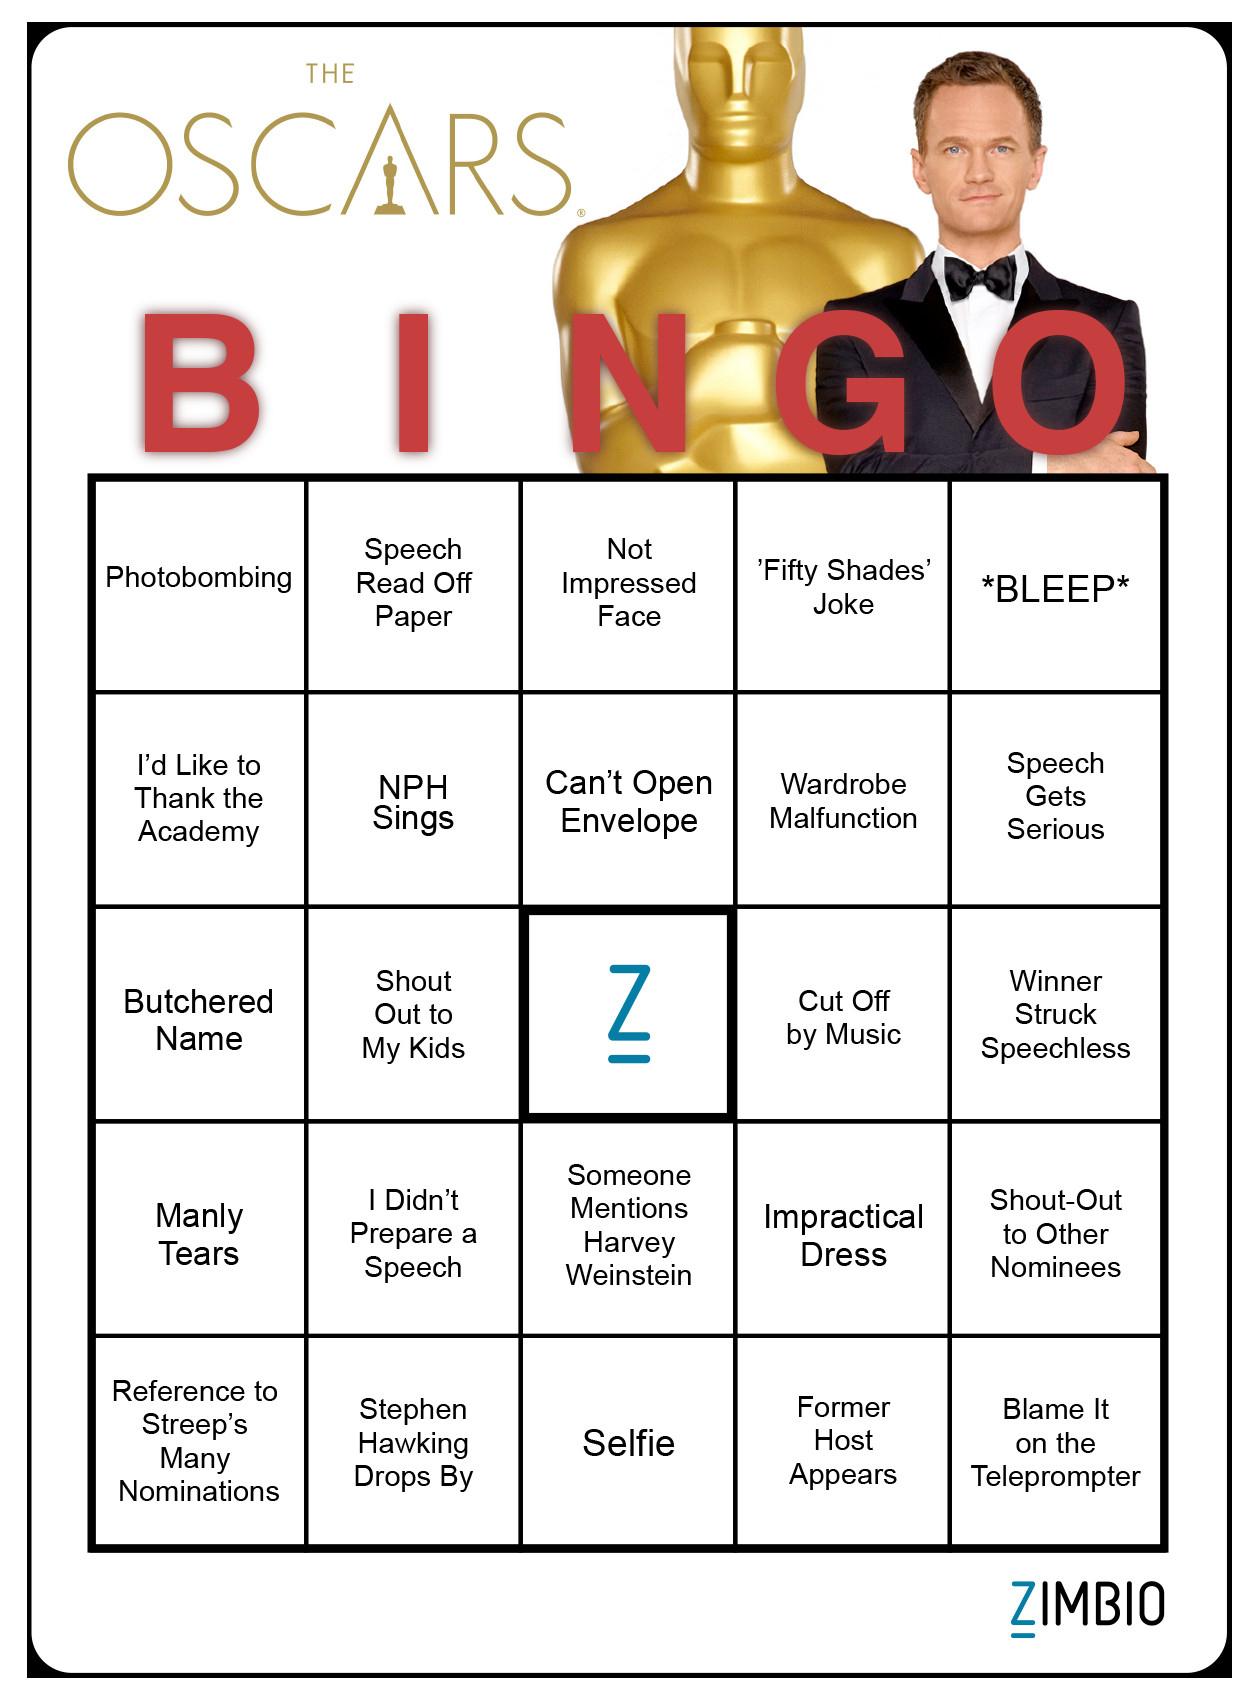 Want To Play Oscar Bingo? We've Got The Bingo Cards